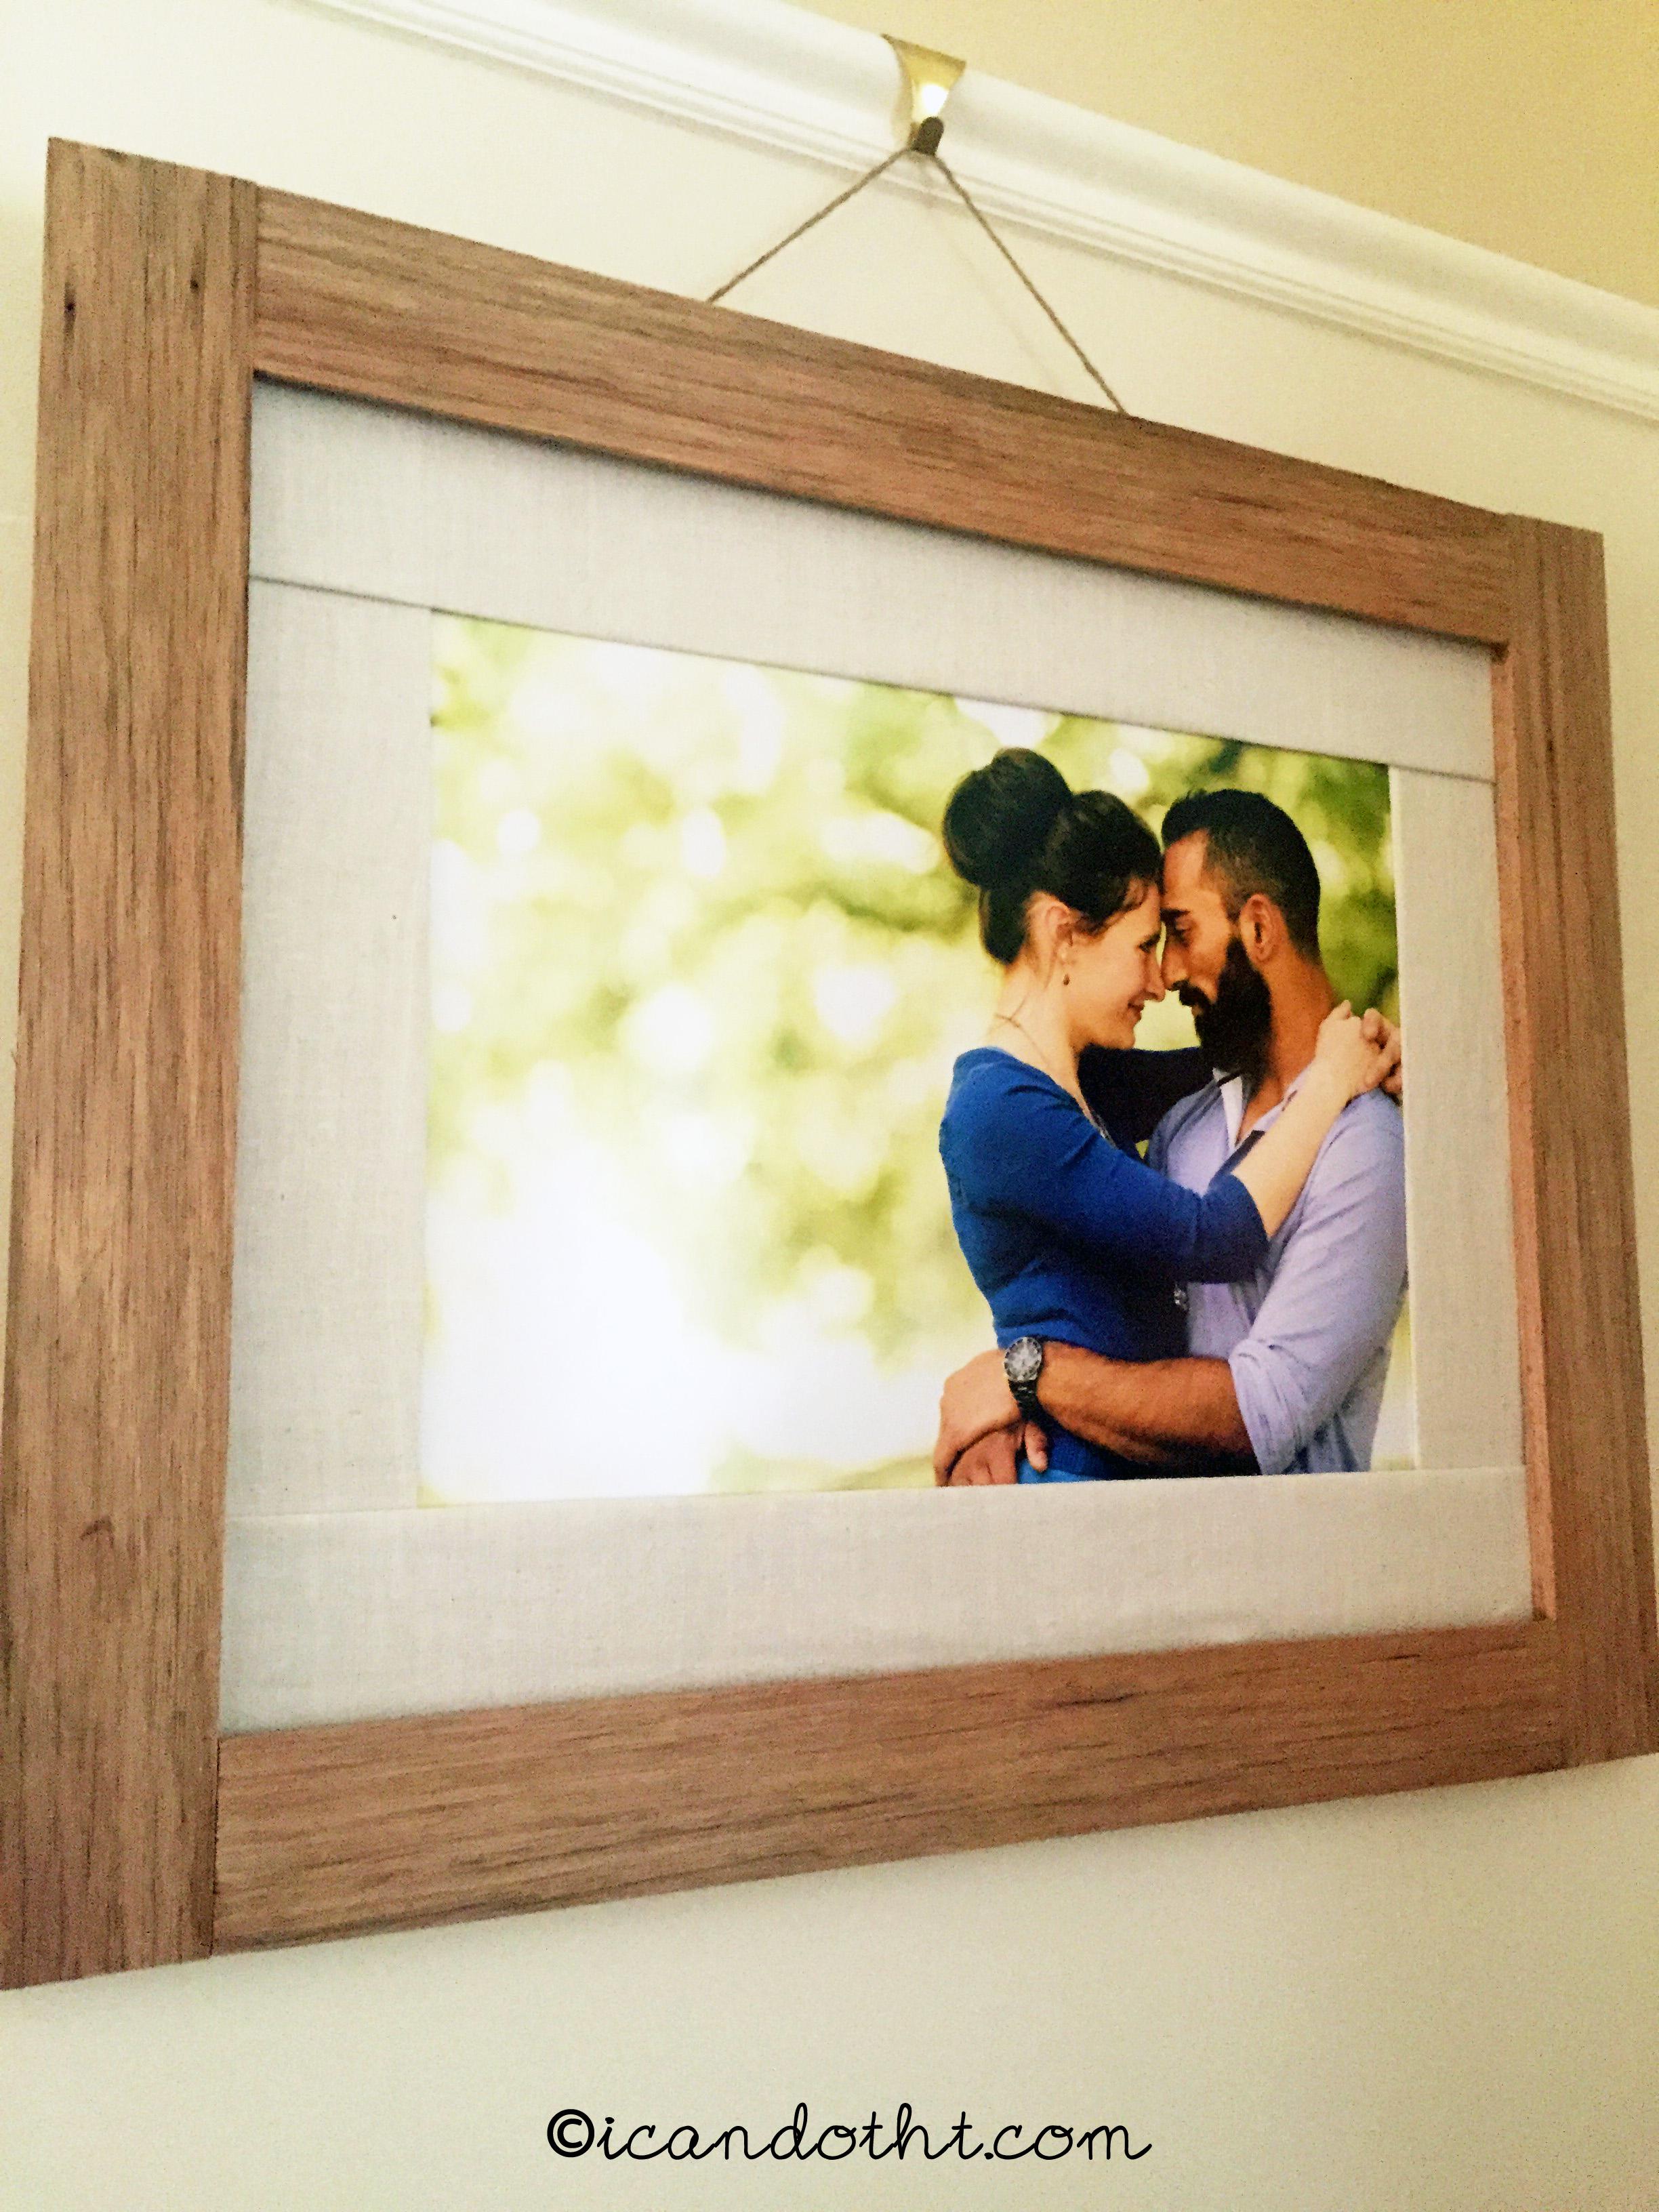 natural wood frame - Natural Wood Frames